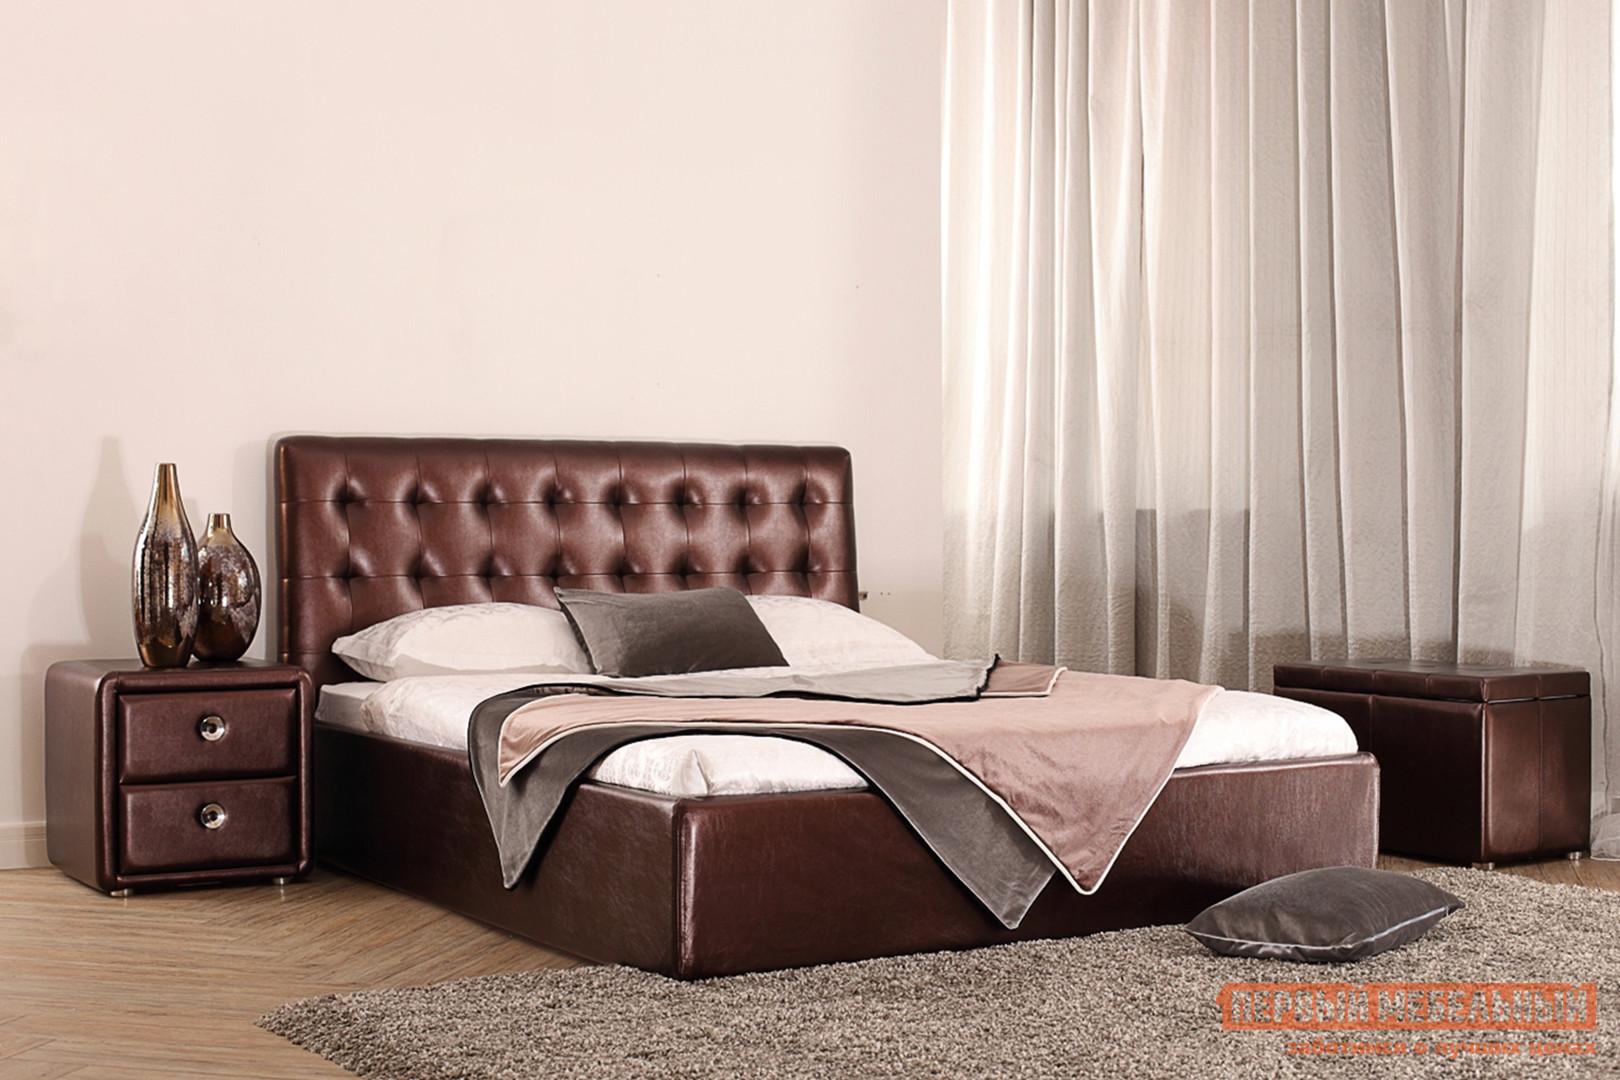 Двуспальная кровать Первый Мебельный Кровать Монреаль 140х200, 160х200, 180х200 кровать амели 180х200